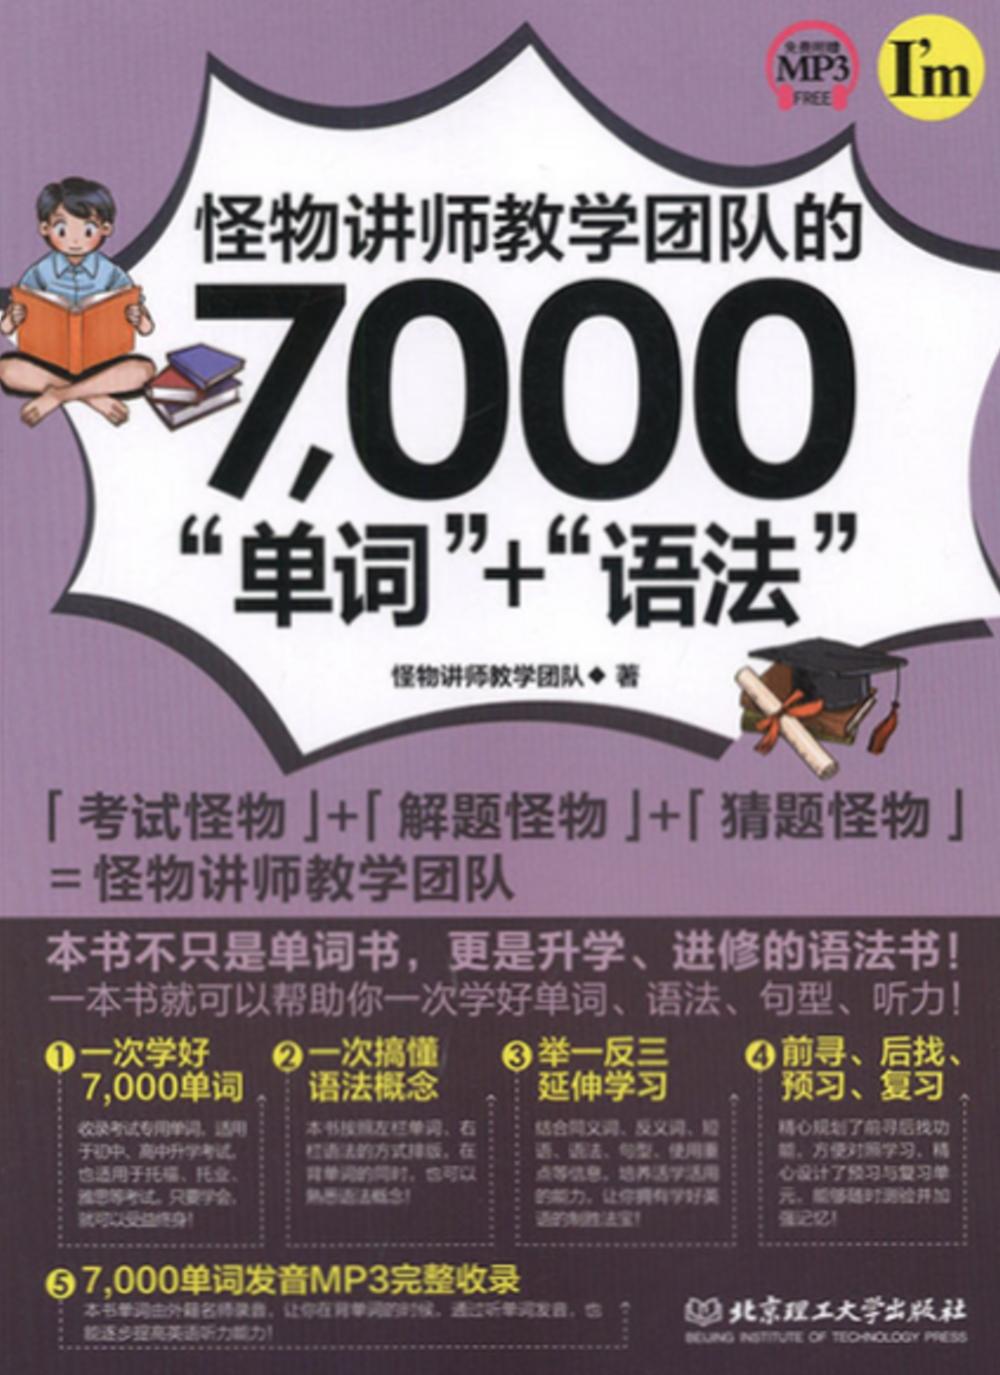 怪物講師教學團隊的7000「單詞」+「語法」